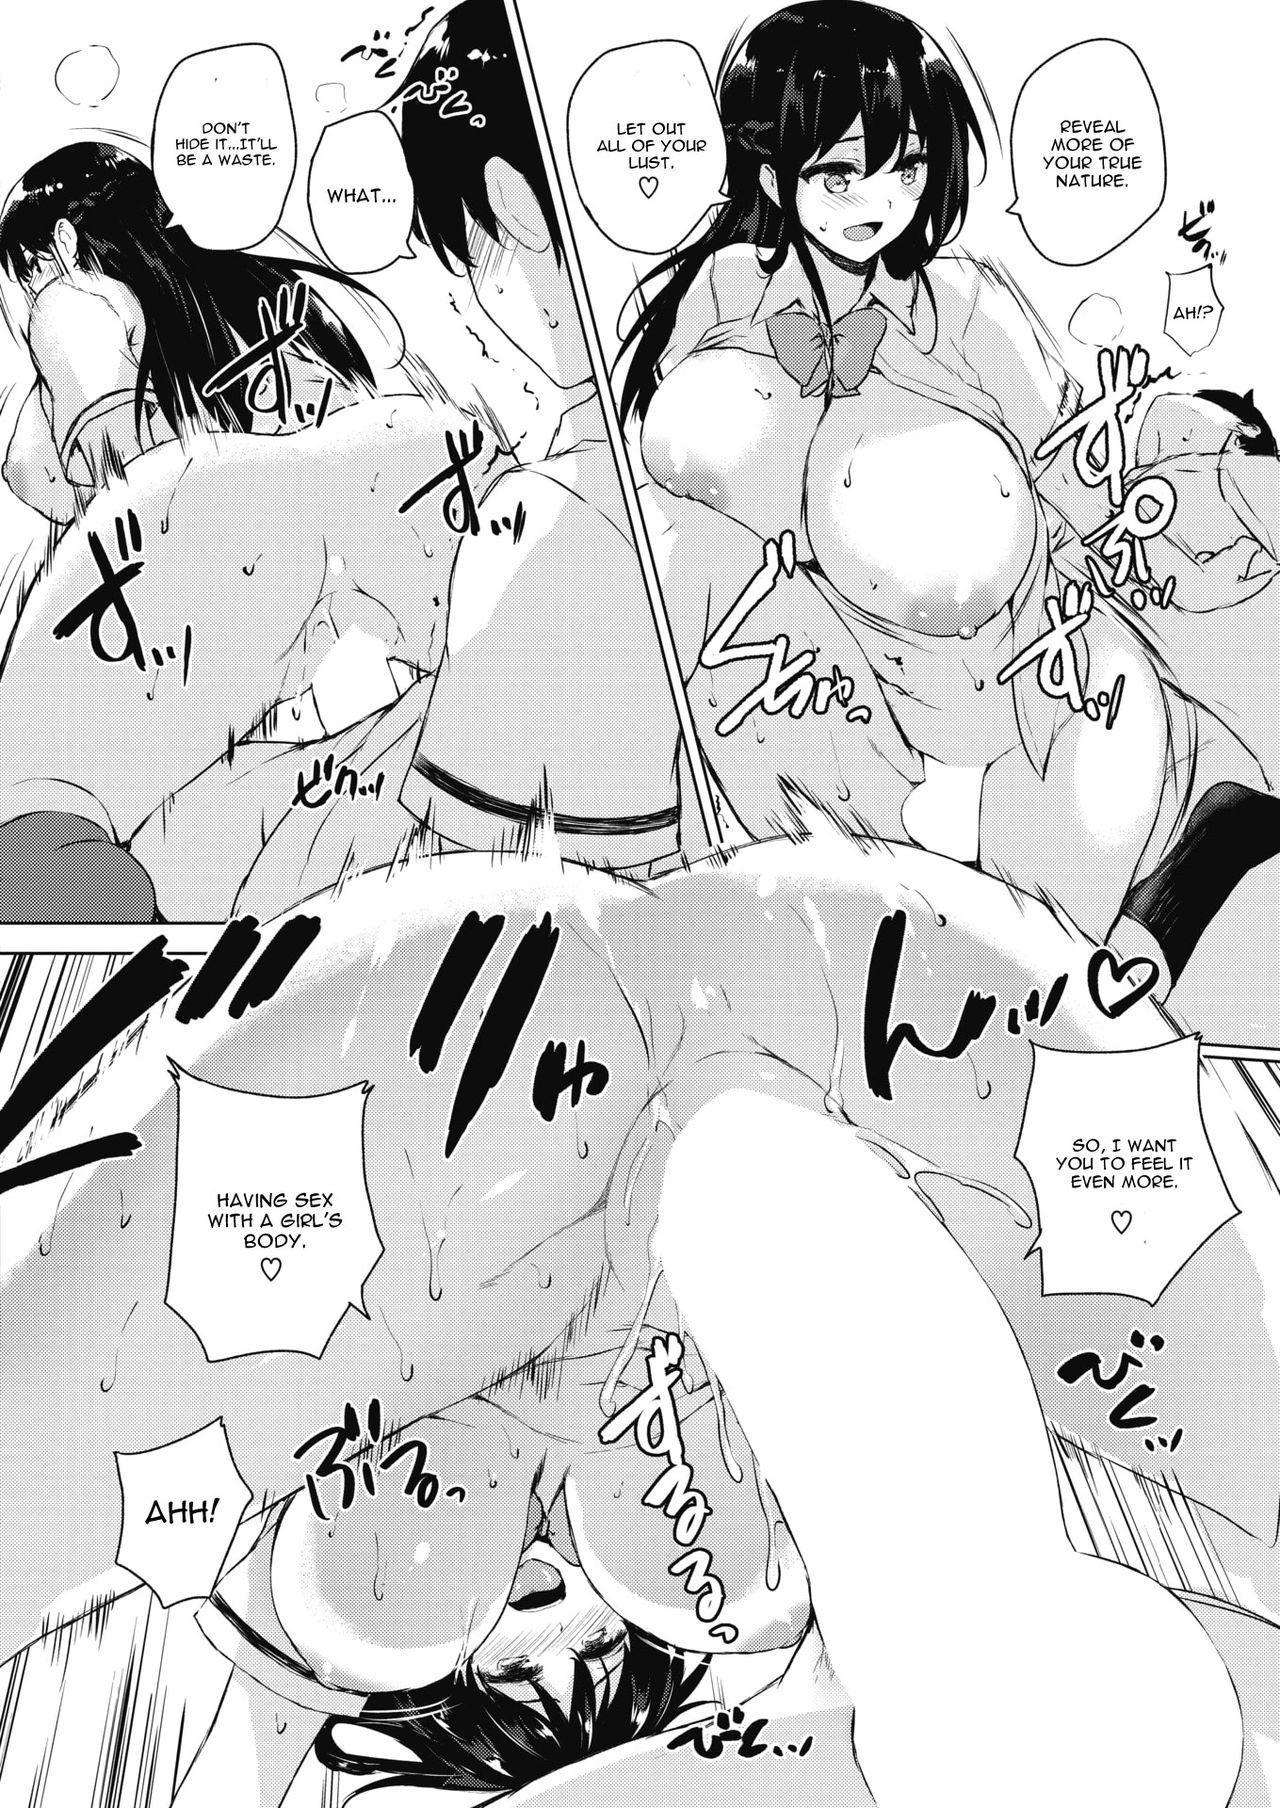 Eroge de Subete wa Kaiketsu Dekiru! Ch. 1 23